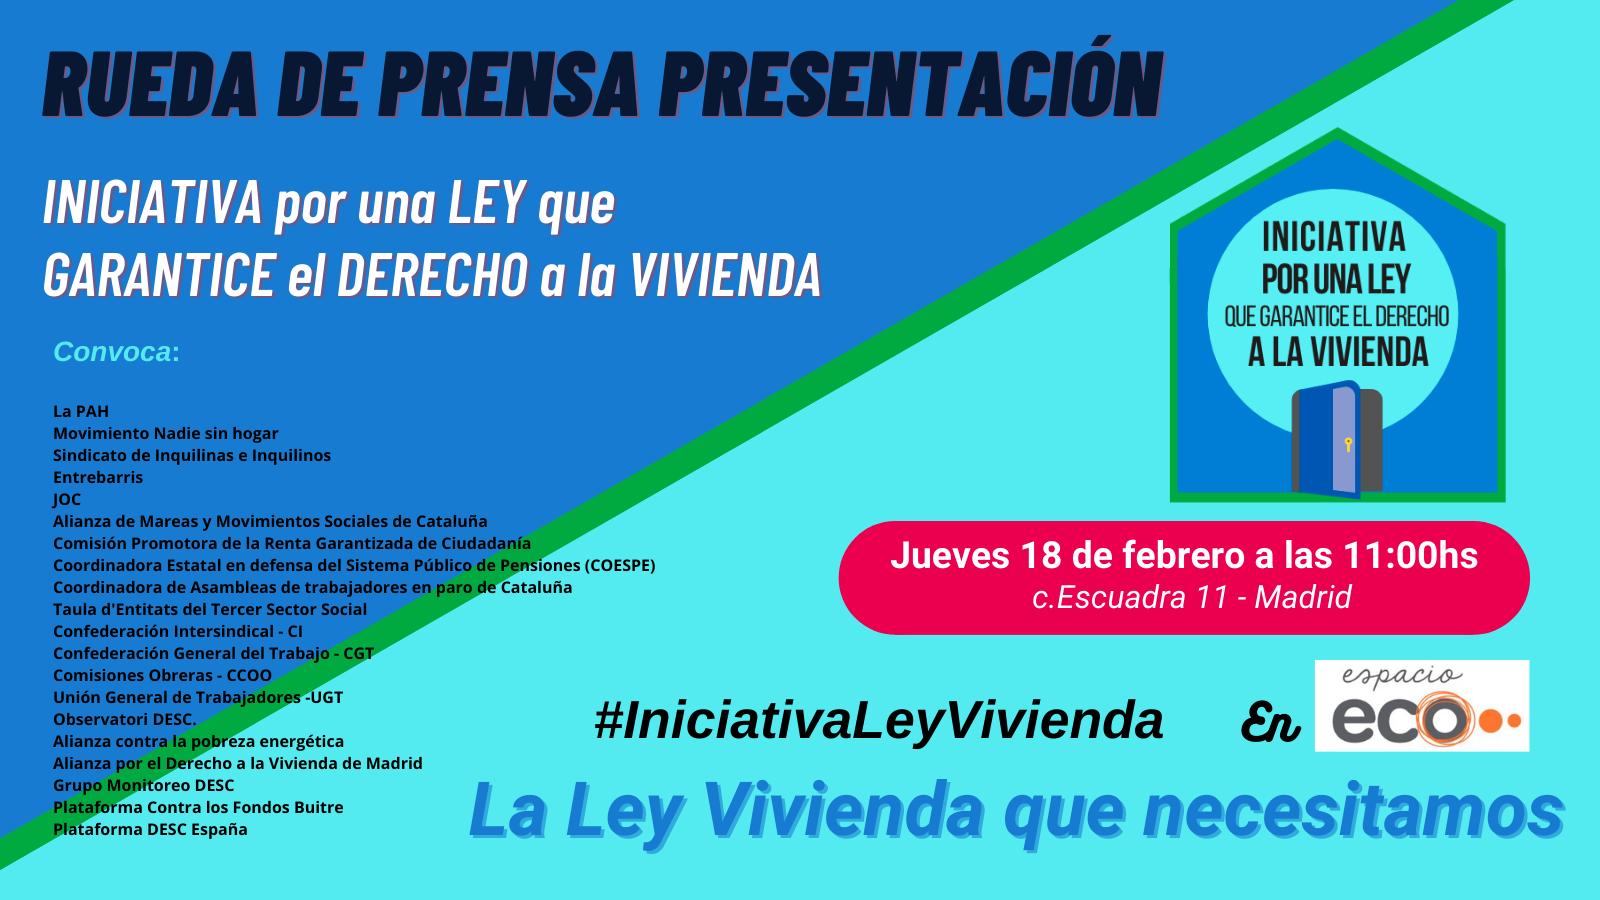 ruenda_de_prensa_18f_Ley_vivienda